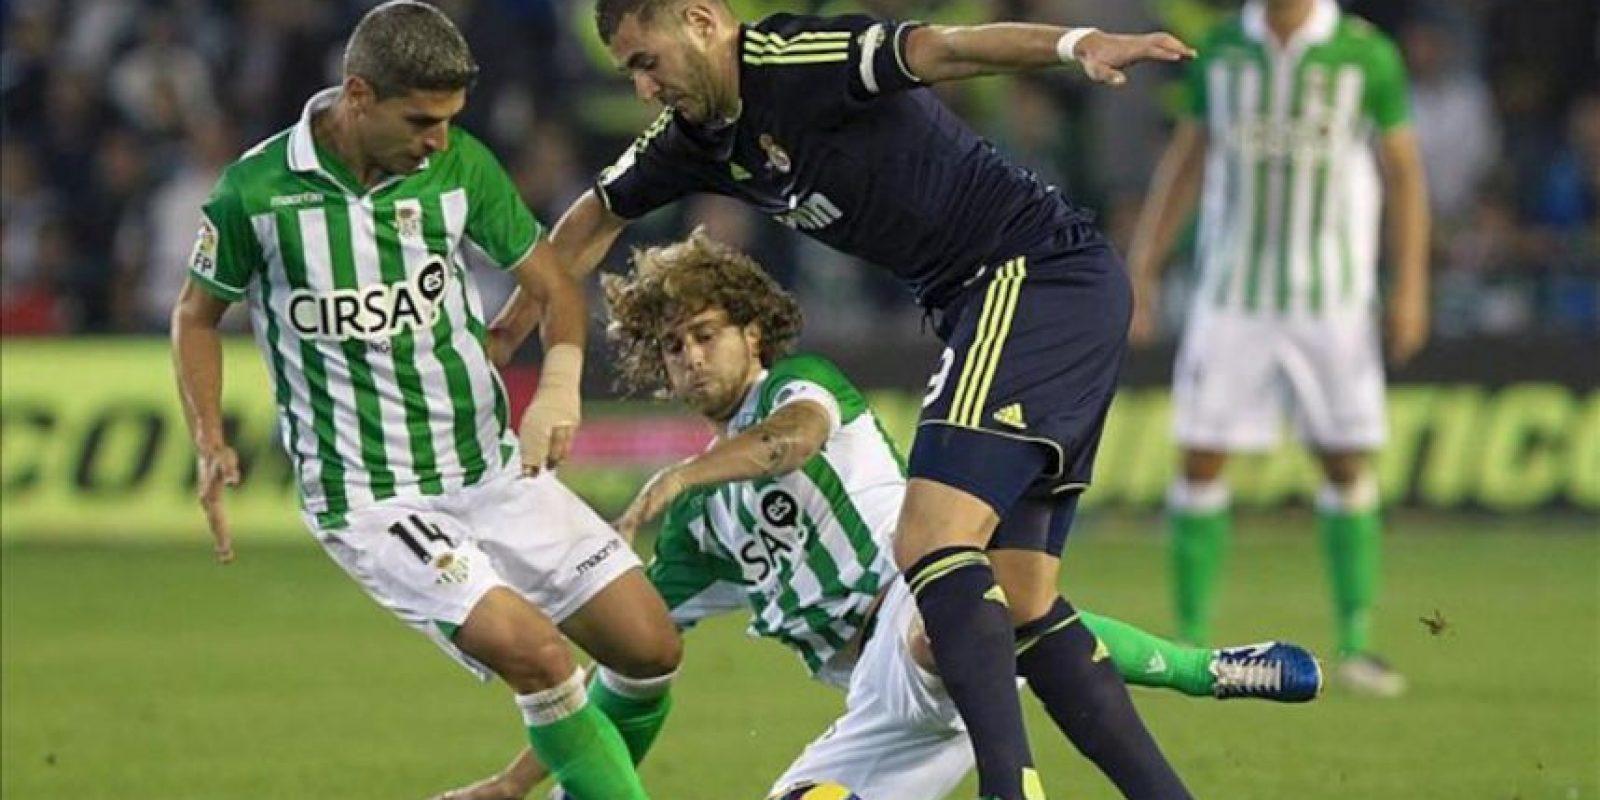 El delantero francés del Real Madrid, Karim Benzema (d) intenta marcharse de los centrocampistas del Betis, Salva Sevilla (i) y José Alberto Cañas (c), en el partido correspondiente a la decimotercera jornada de la Liga de Primera División en el estadio Benito Villamarín. EFE